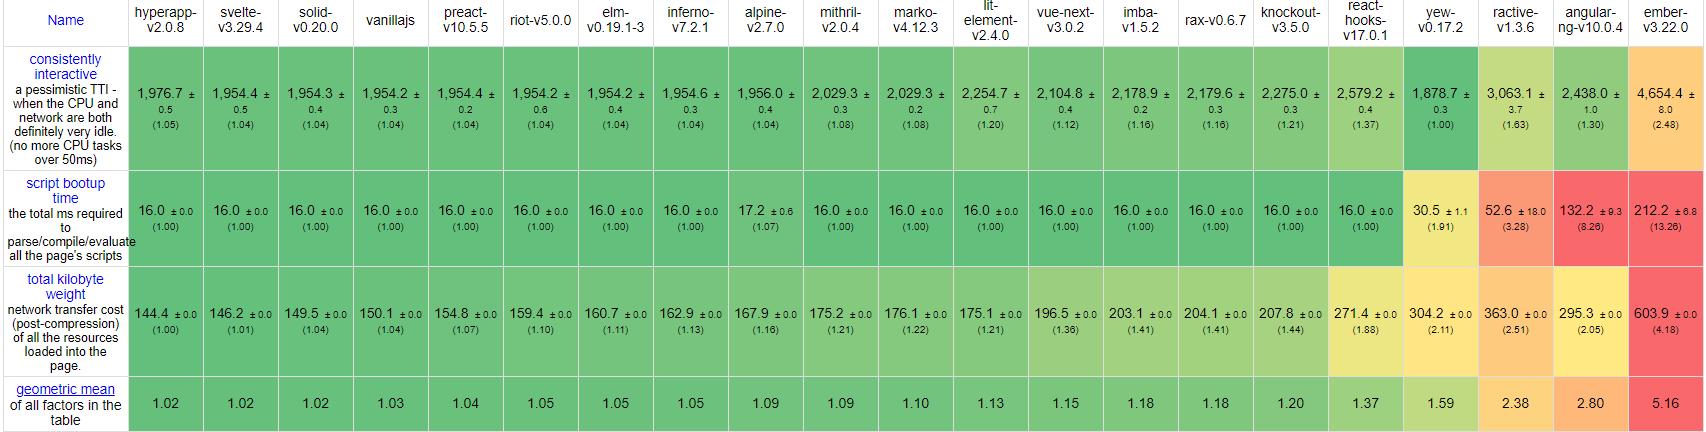 2020年Github星级前20名JavaScript框架时间对比